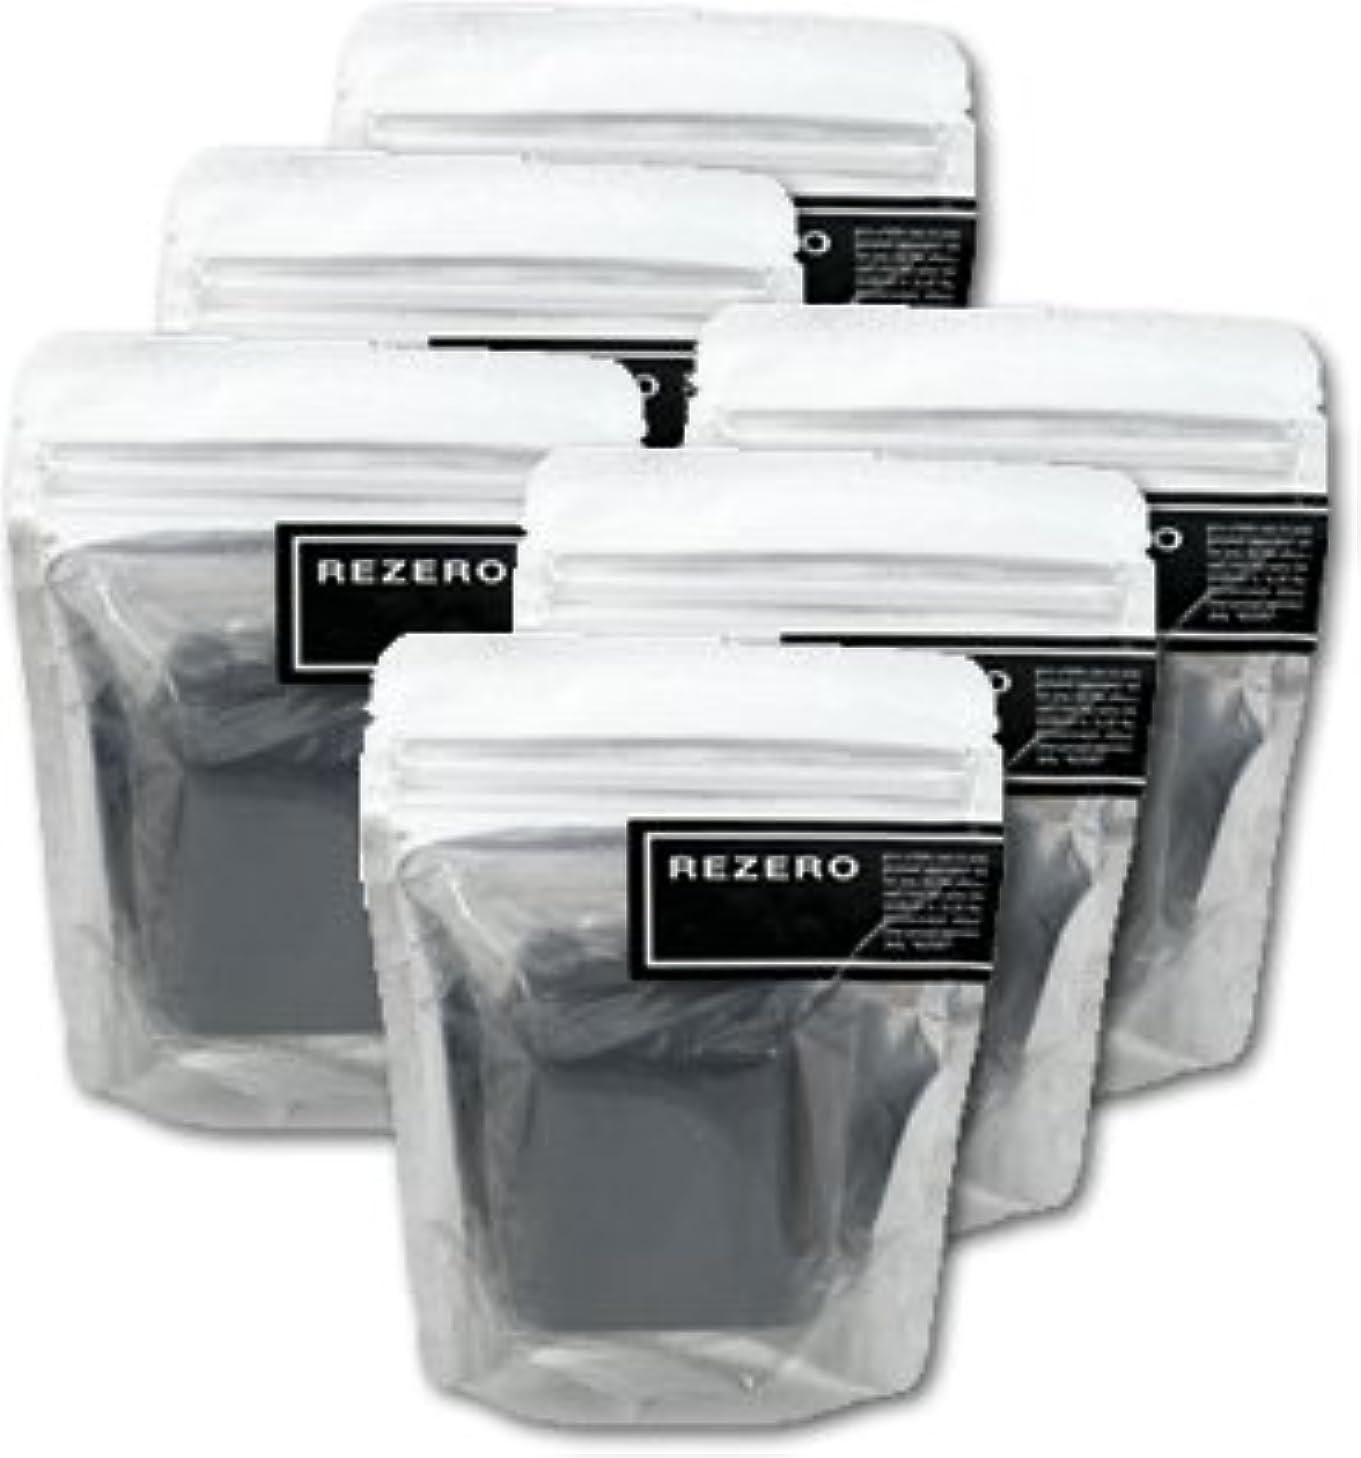 パンチ育成申し込むリゼロ プレミアム柿炭ソープ 90g×6個セット